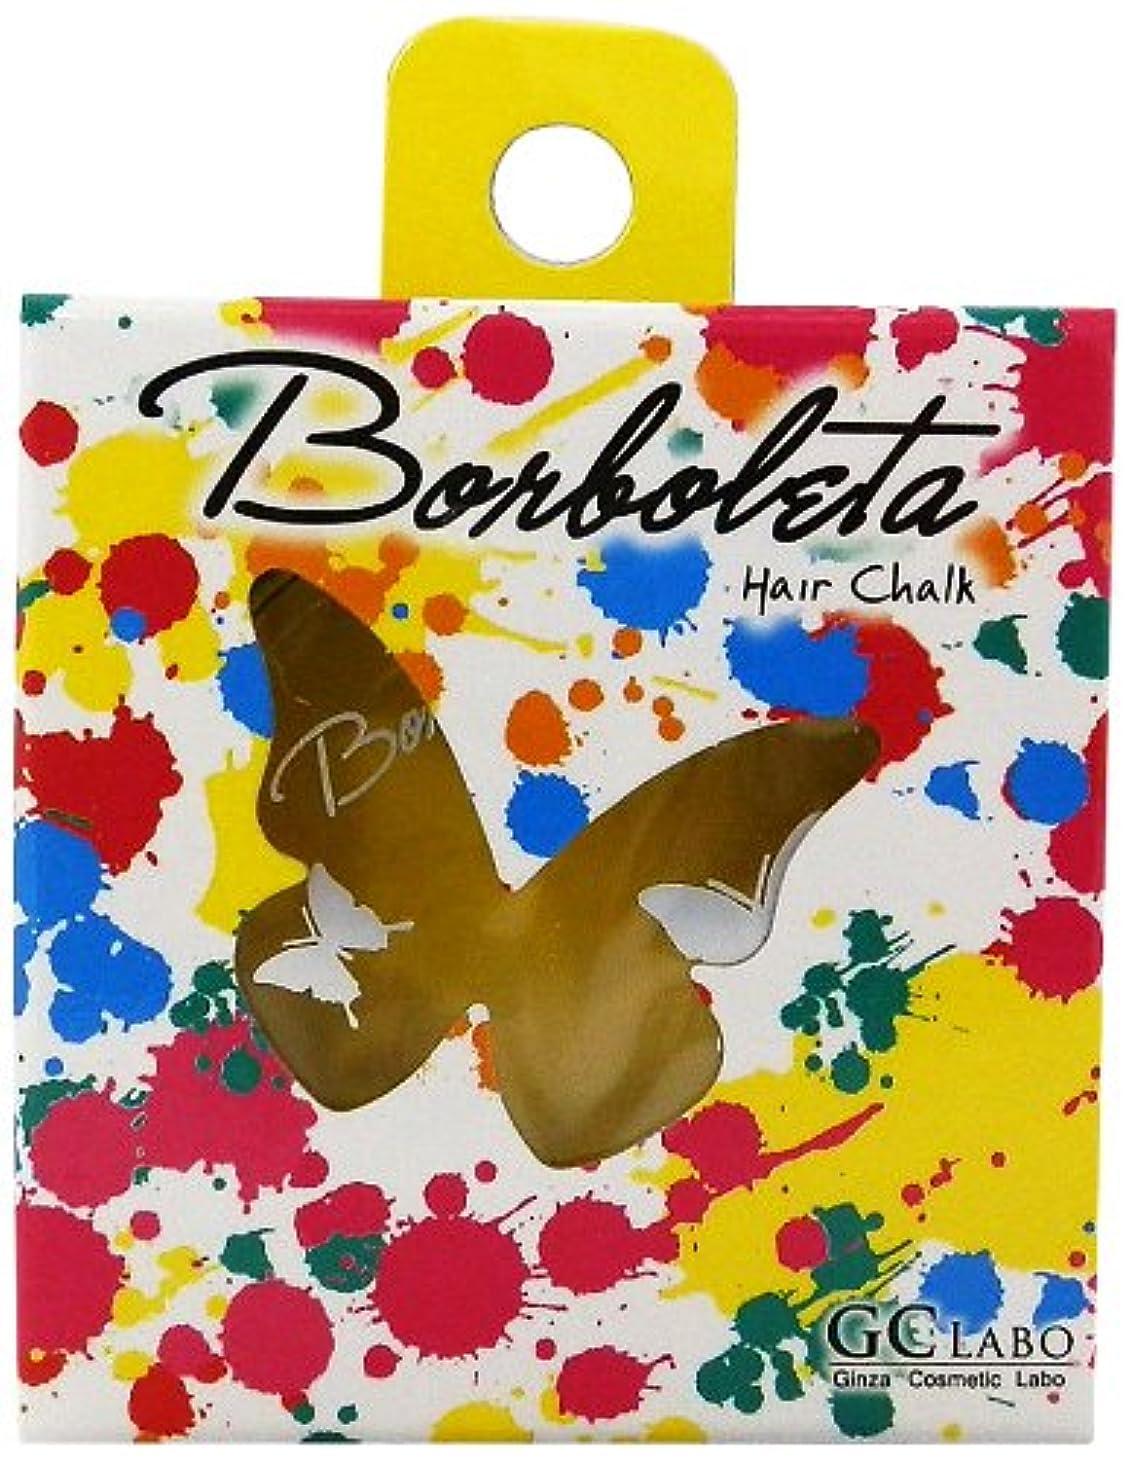 BorBoLeta(ボルボレッタ)ヘアカラーチョーク イエロー